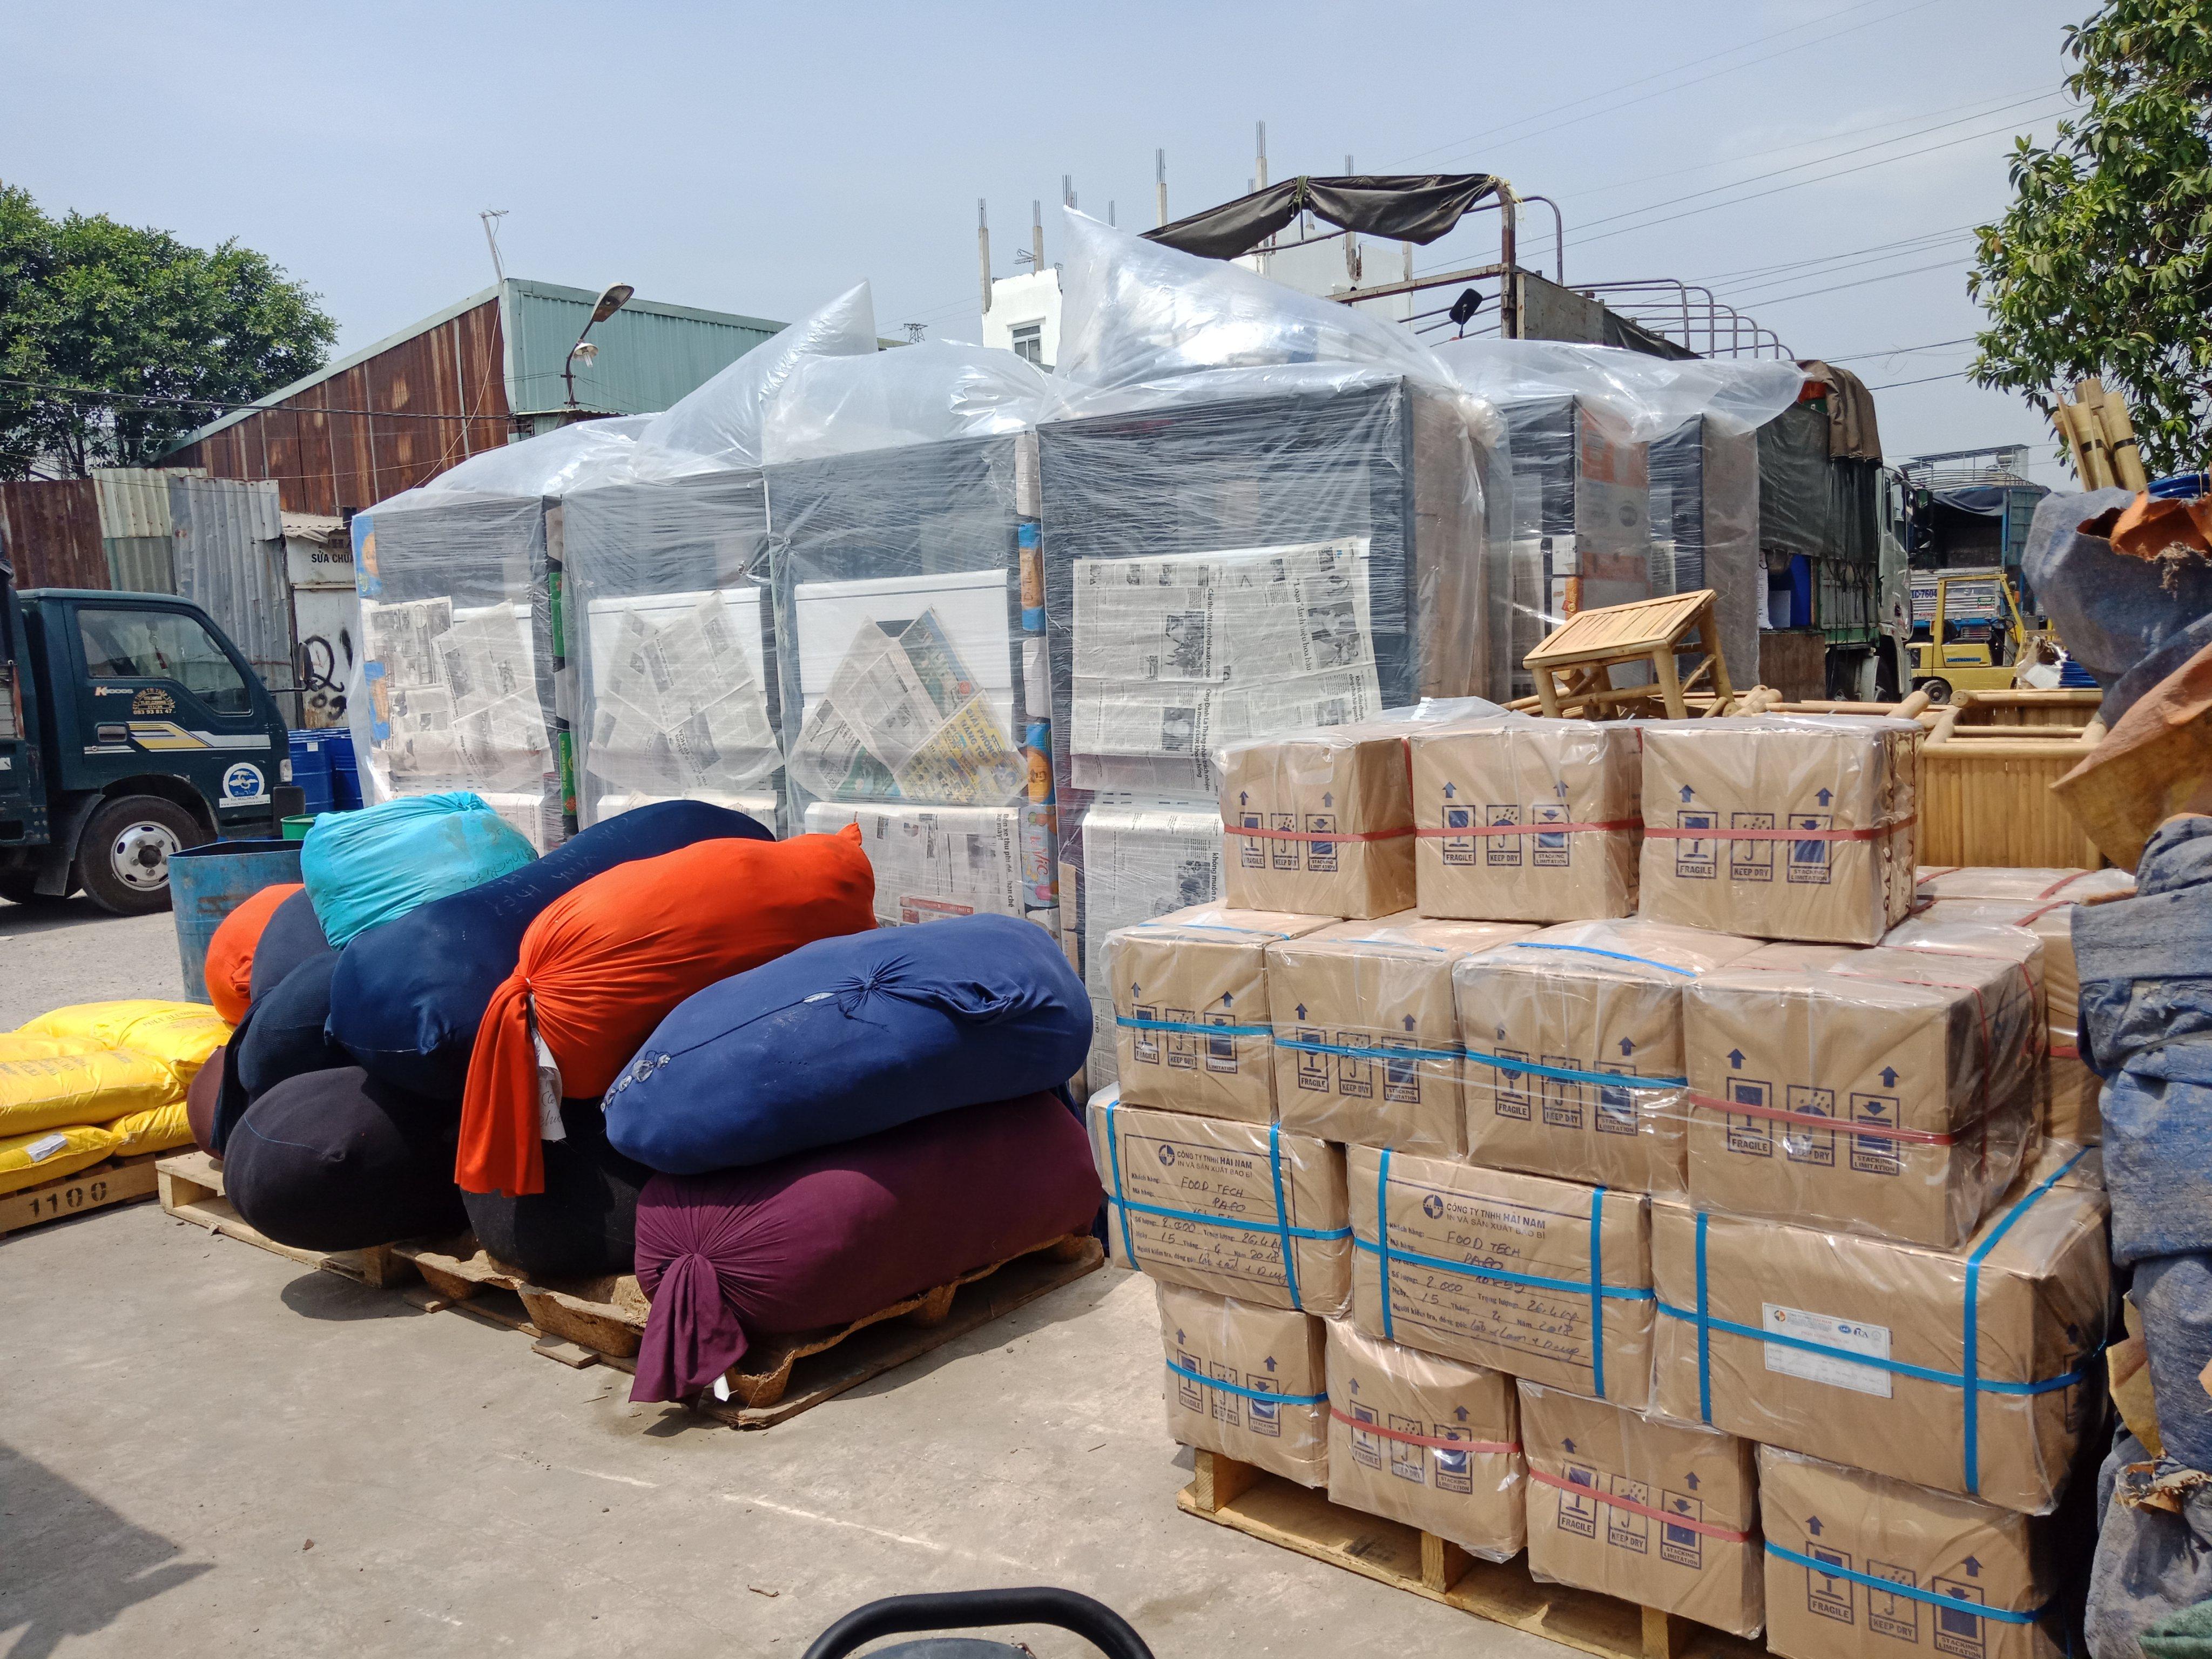 Vận chuyển hàng đi myanmar nhanh chóng 1